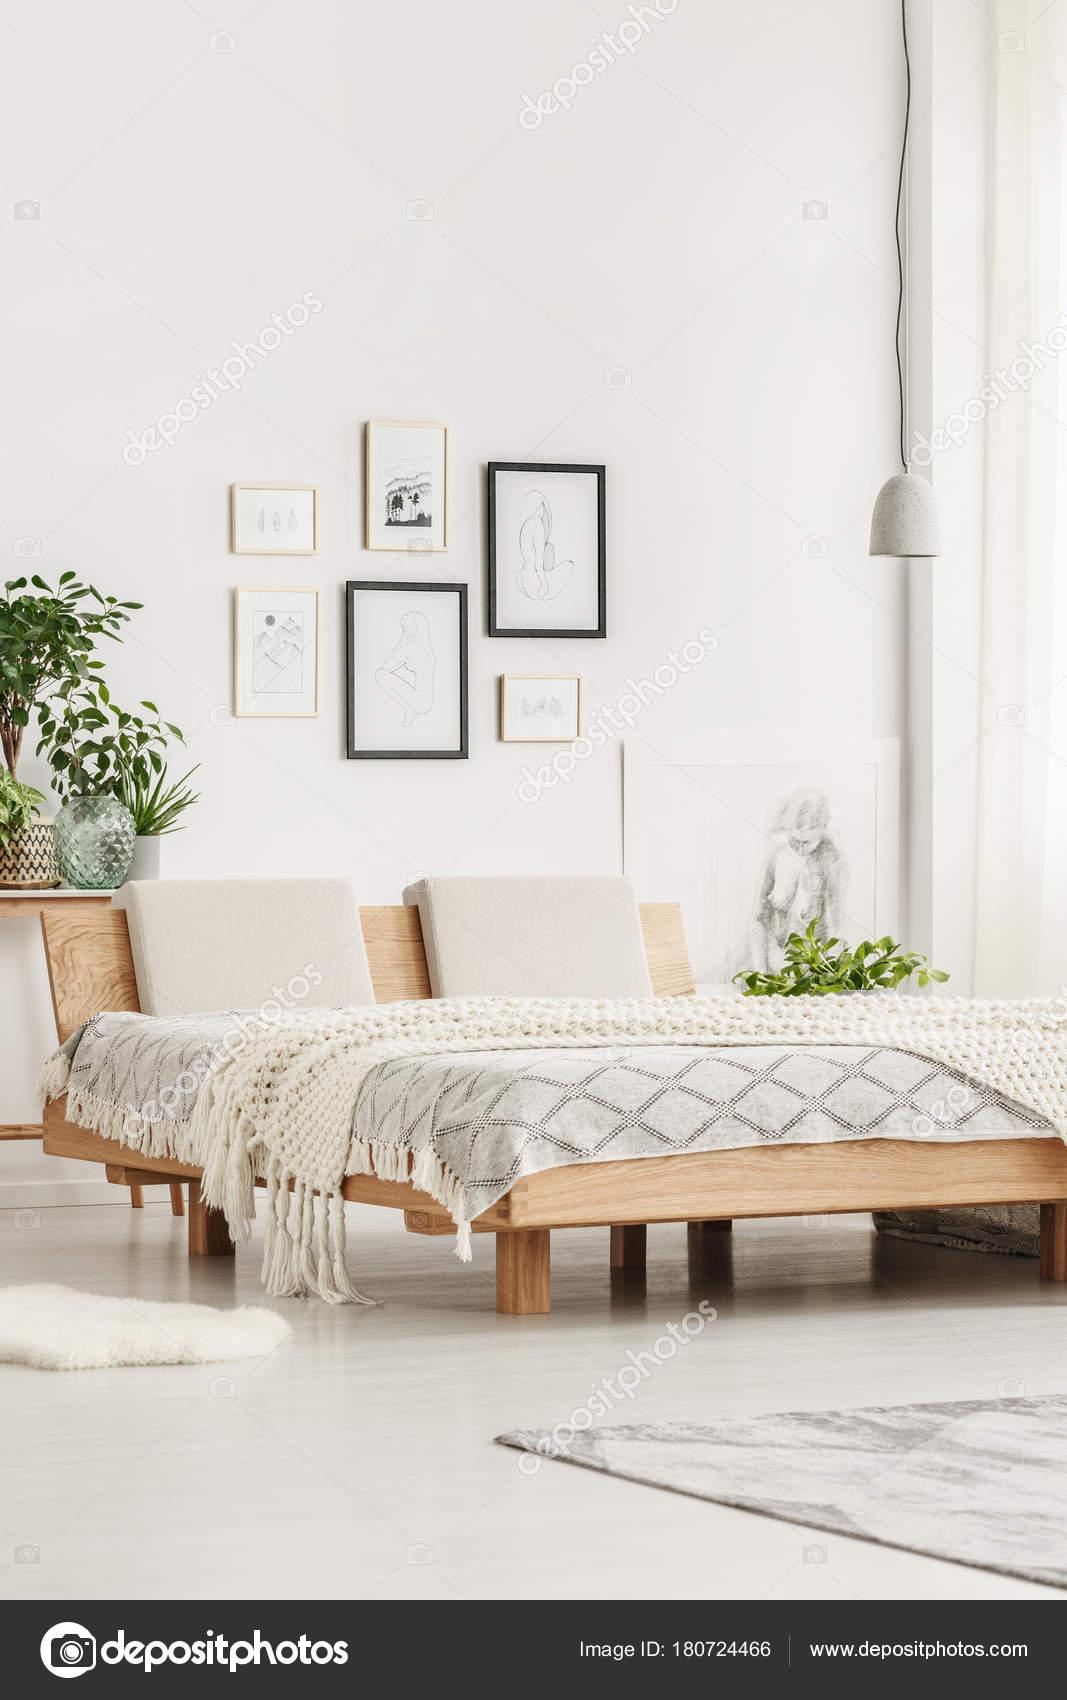 Einfaches Bett und Zeichnungen — Stockfoto © photographee.eu #180724466